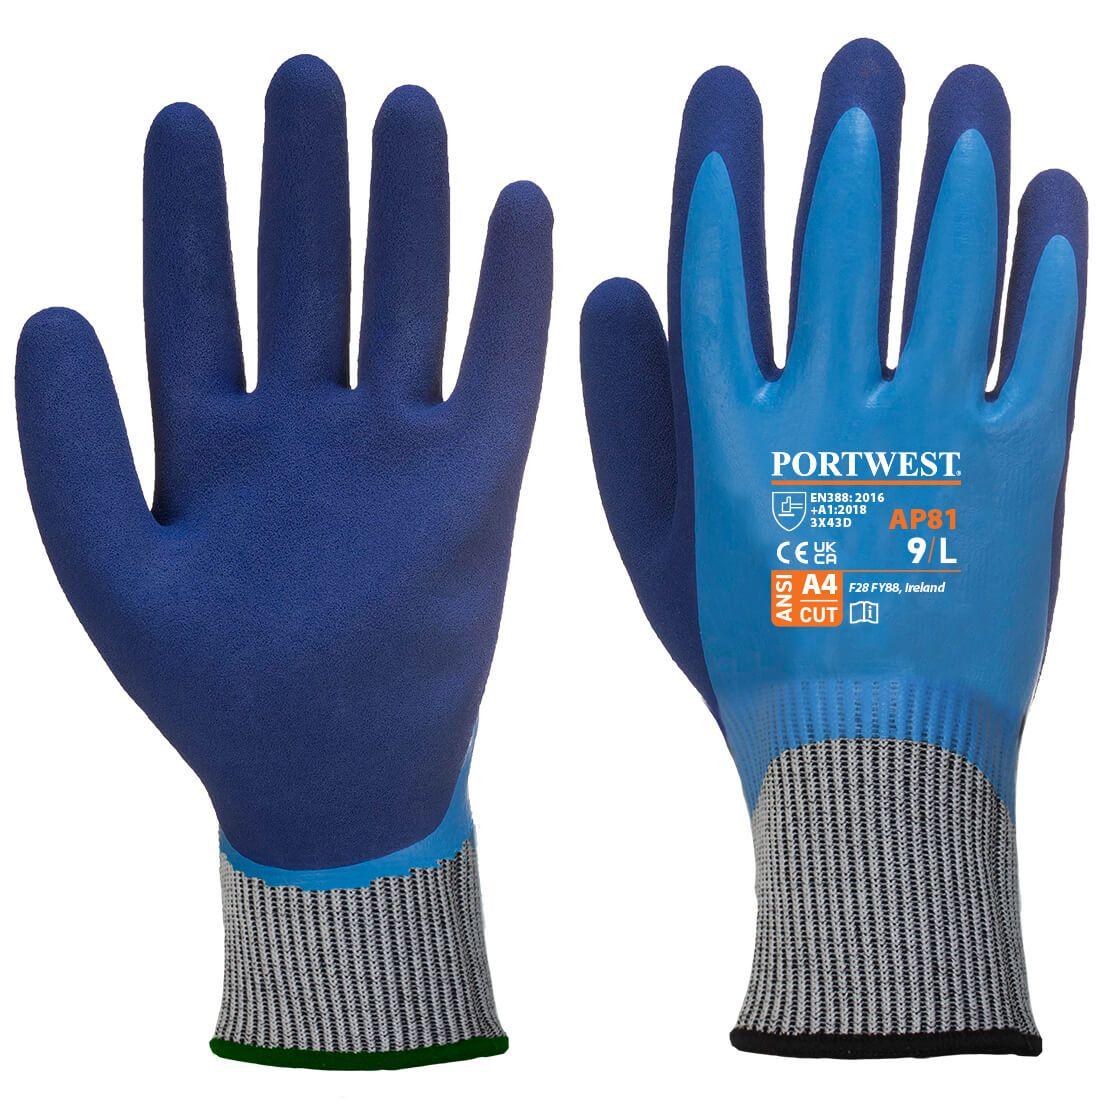 Portwest Handschoenen AP81 blauw(B4)